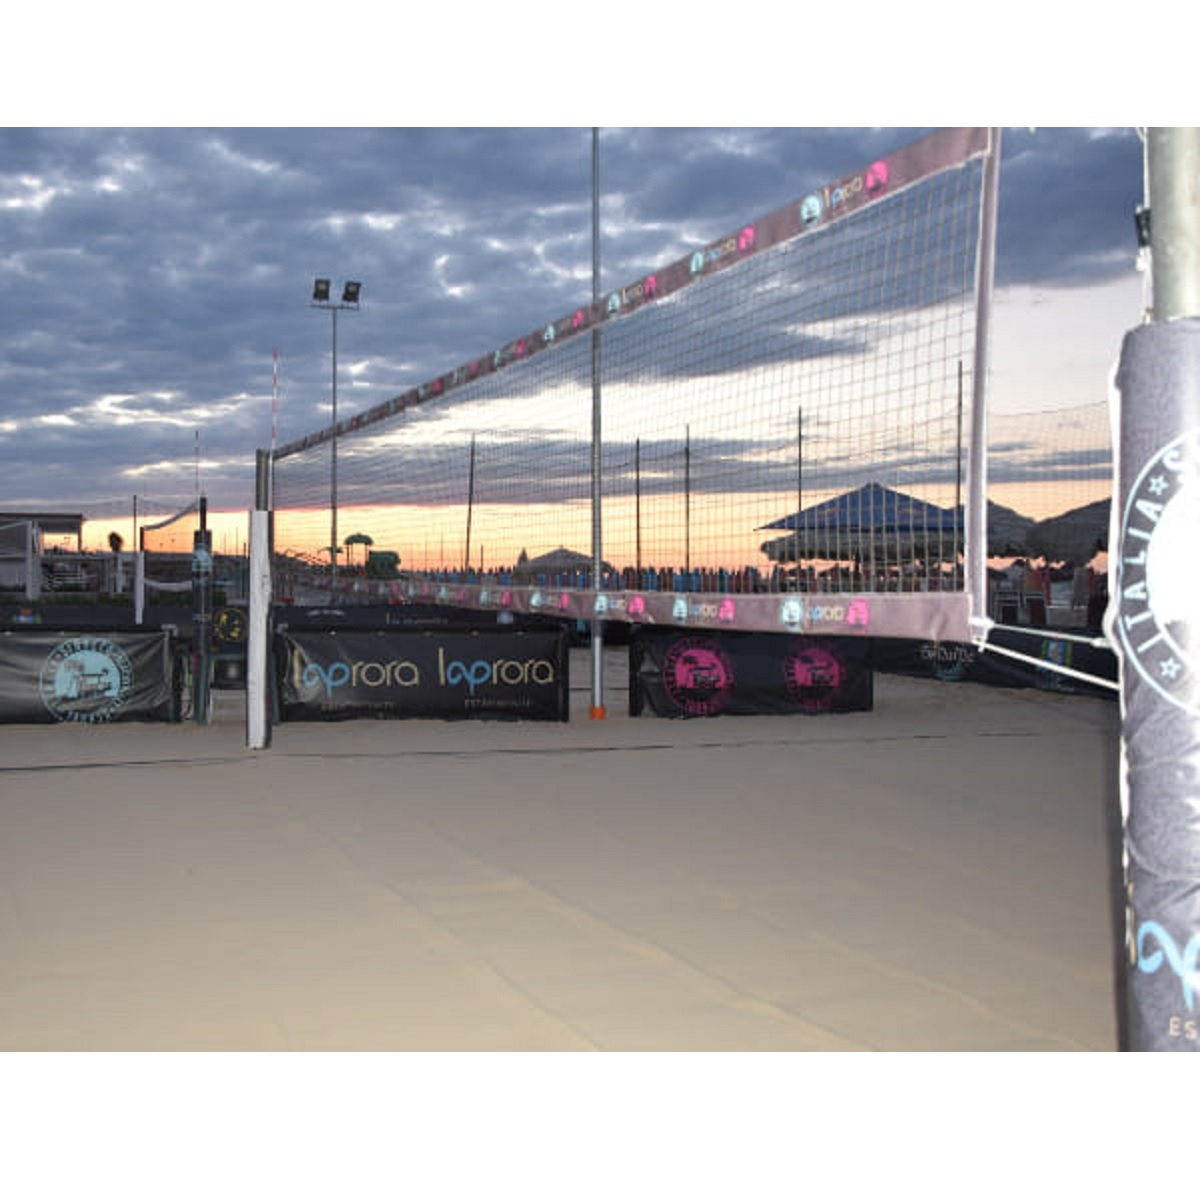 Torneo AIBVC 2X2 maschile a Pescara sabato 26 giugno 2021 foto